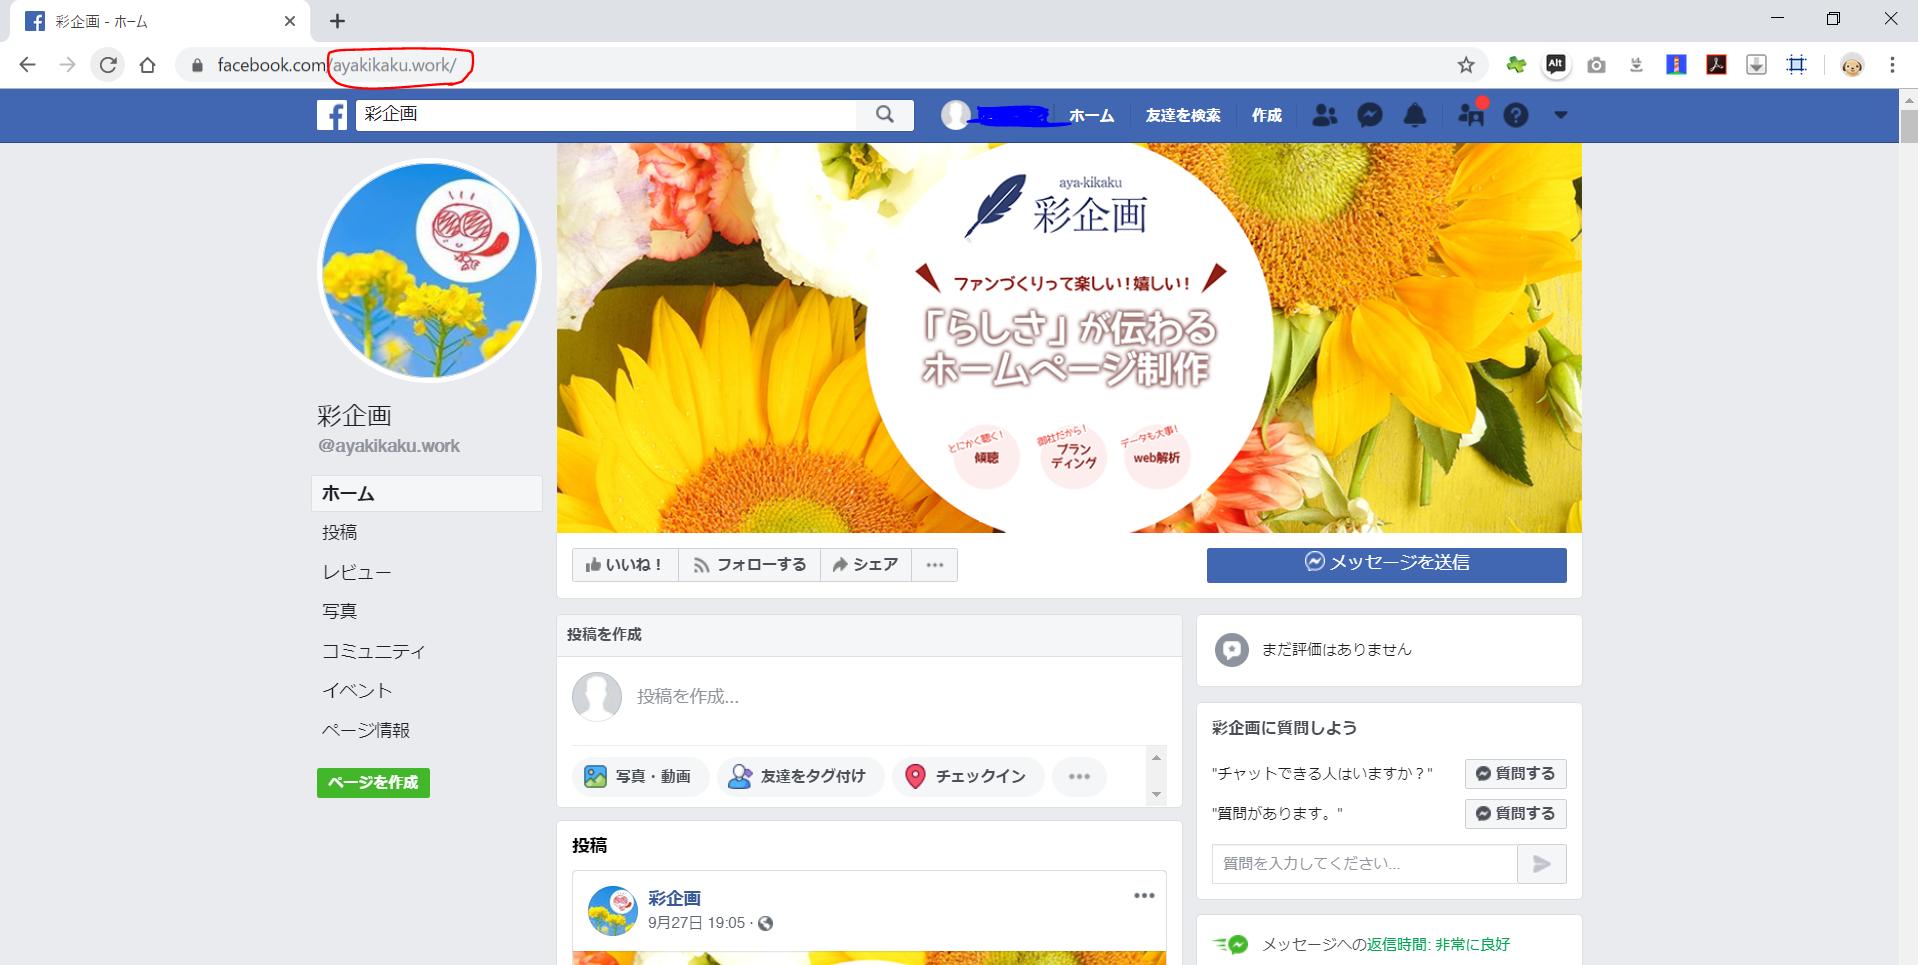 メッセンジャー facebook 【Facebook】メッセンジャーでグループを作成する(2020年版)